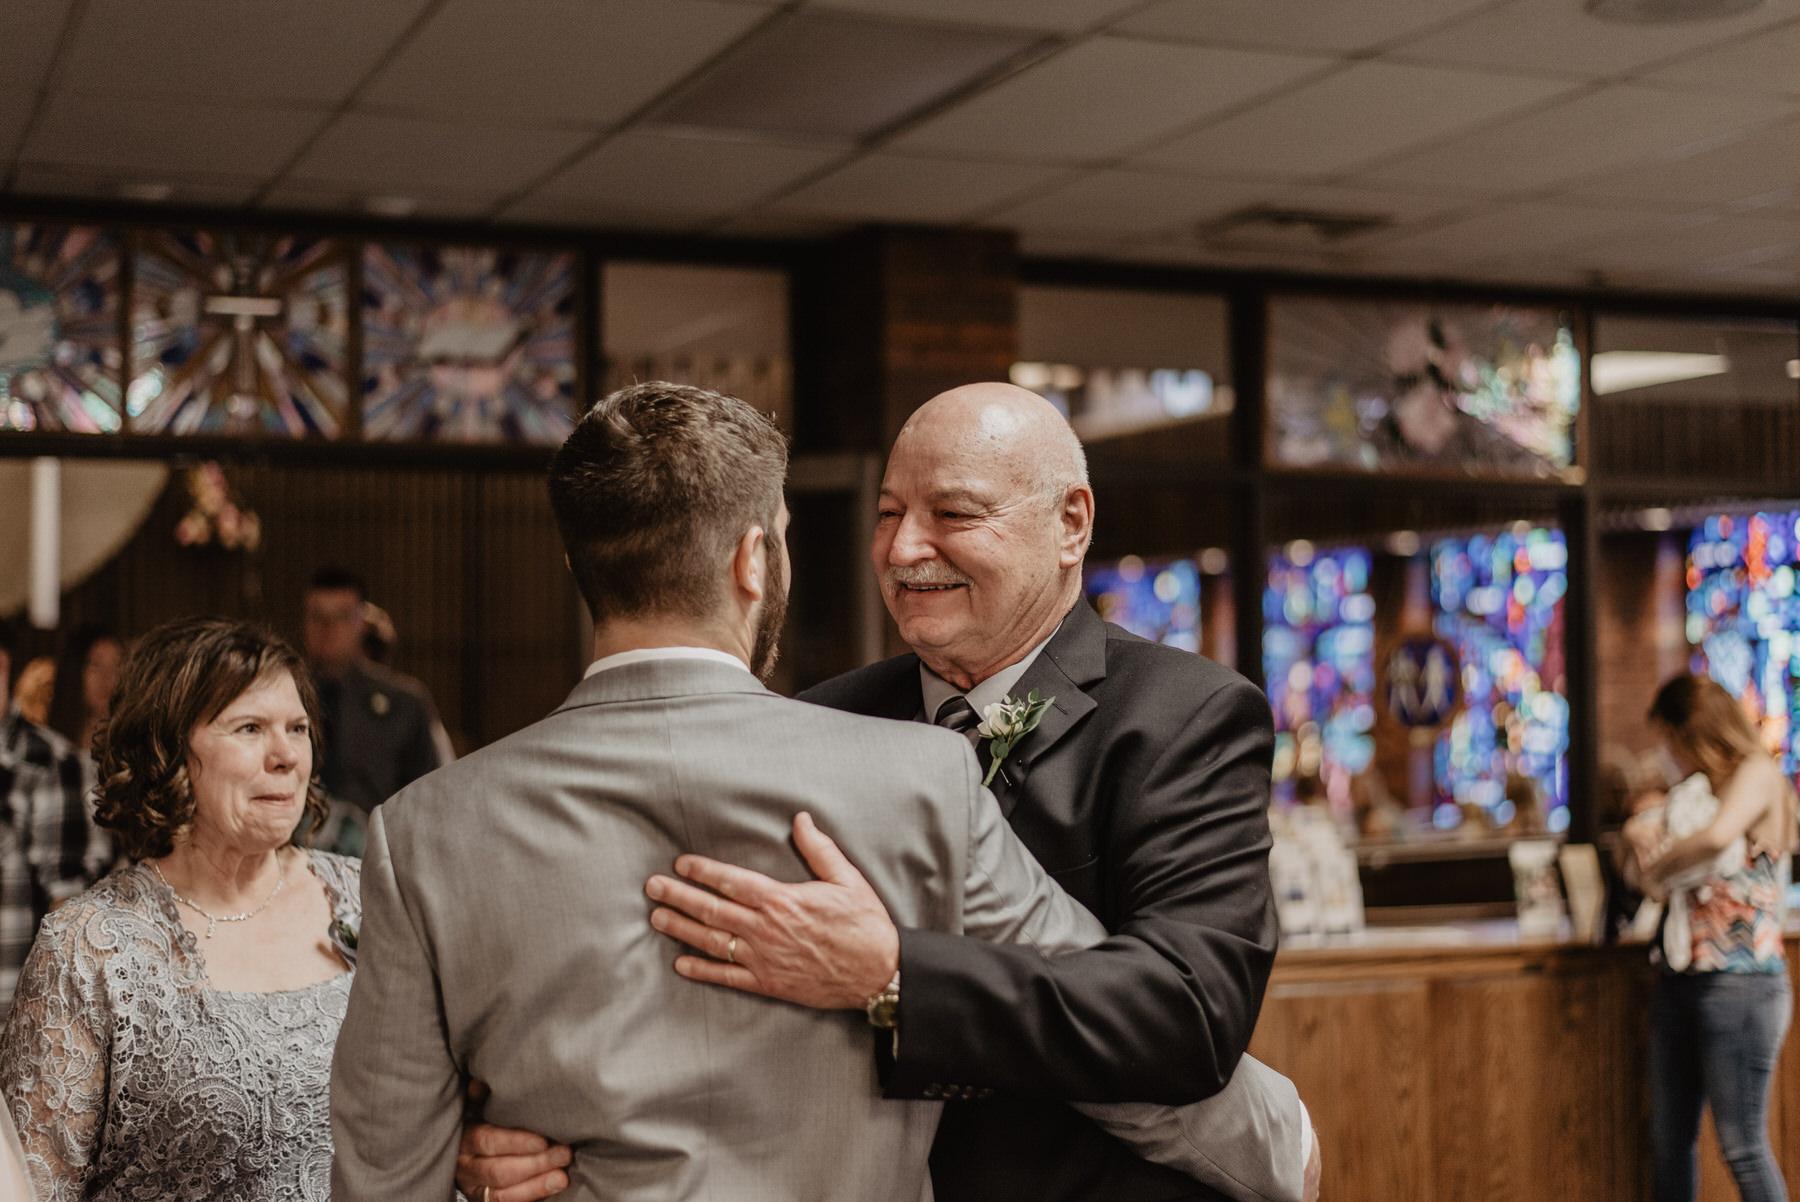 Kaylie-Sirek-Photography-Kearney-Nebraska-Wedding-058.jpg